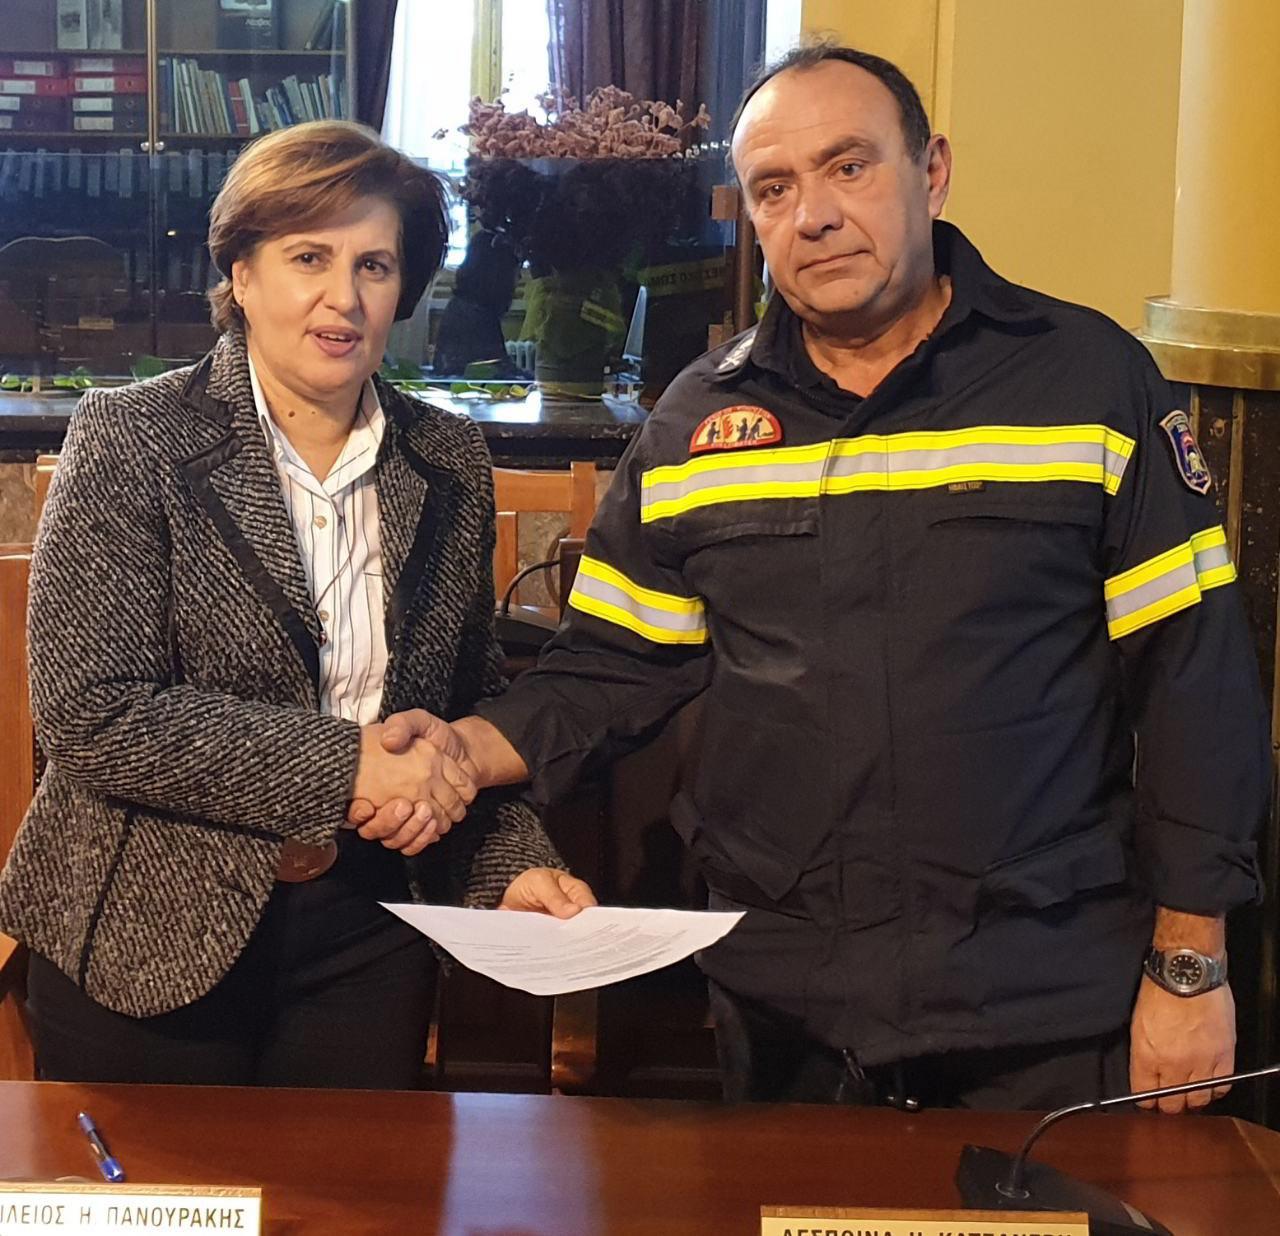 Η Περιφέρεια Βορείου Αιγαίου στηρίζει τις εθελοντικές οργανώσεις